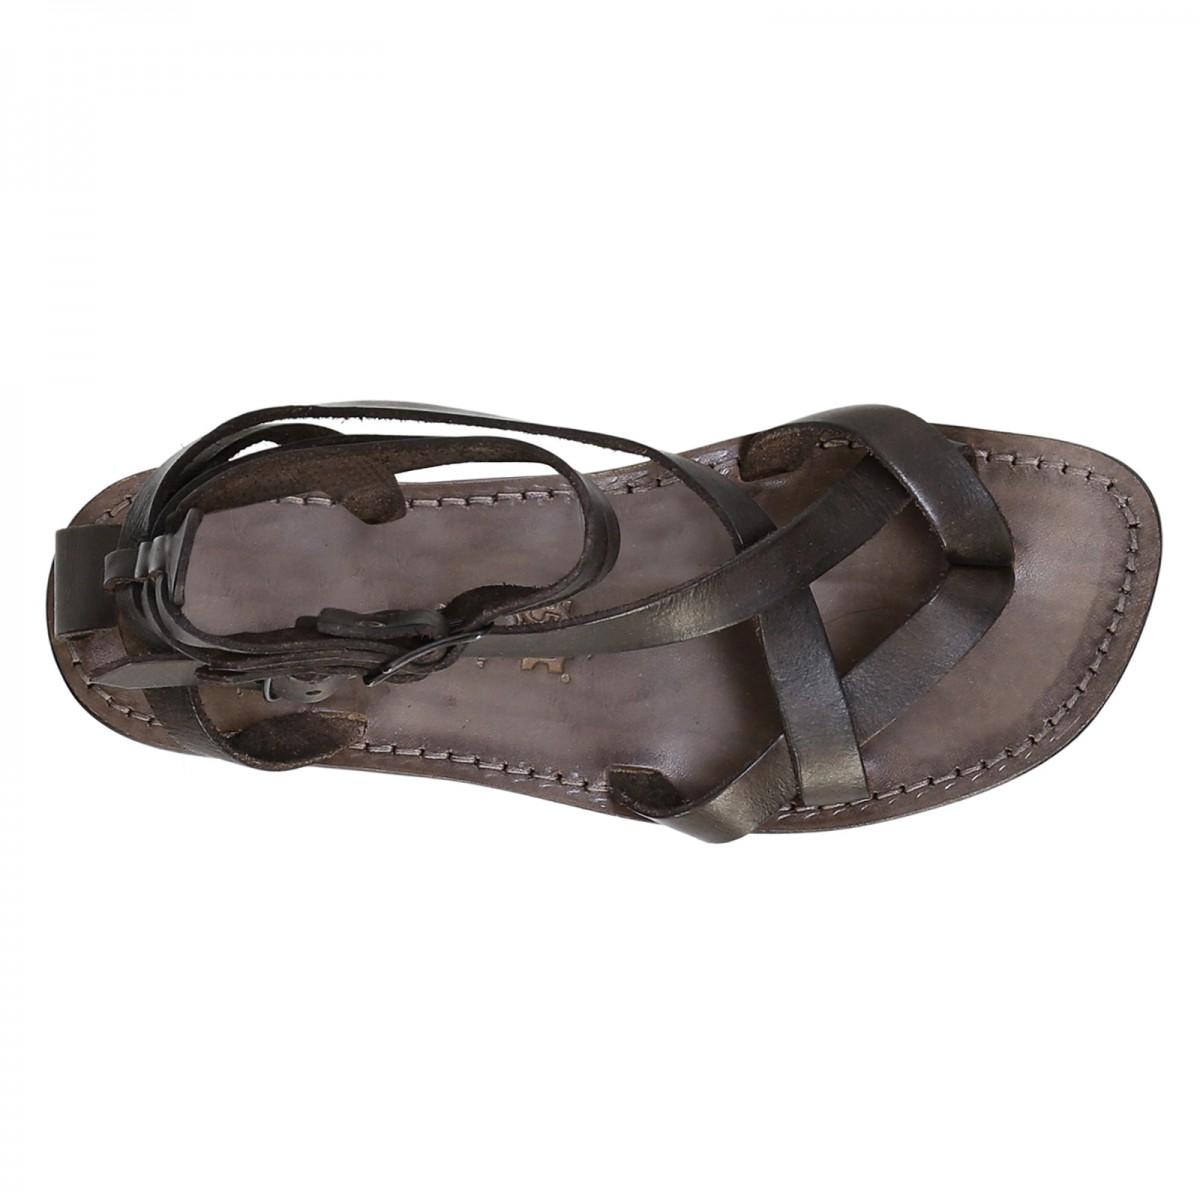 gladiator herren sandalen aus schlamm leder in italien von handgefertigt gianluca das leder. Black Bedroom Furniture Sets. Home Design Ideas